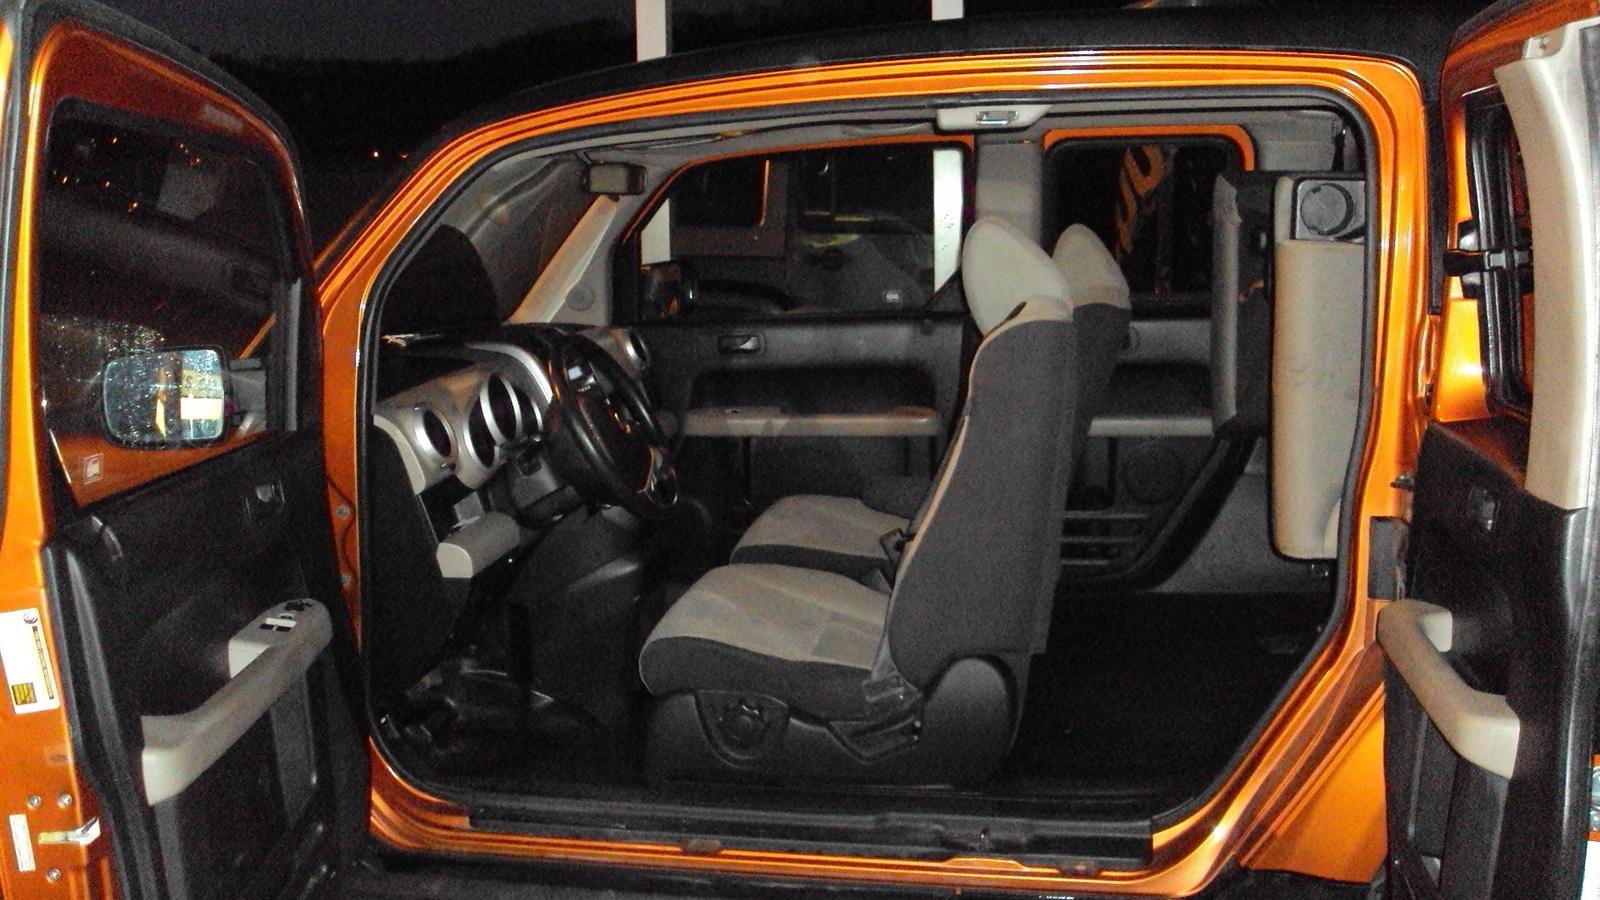 2008 Honda Element Interior Pictures Cargurus